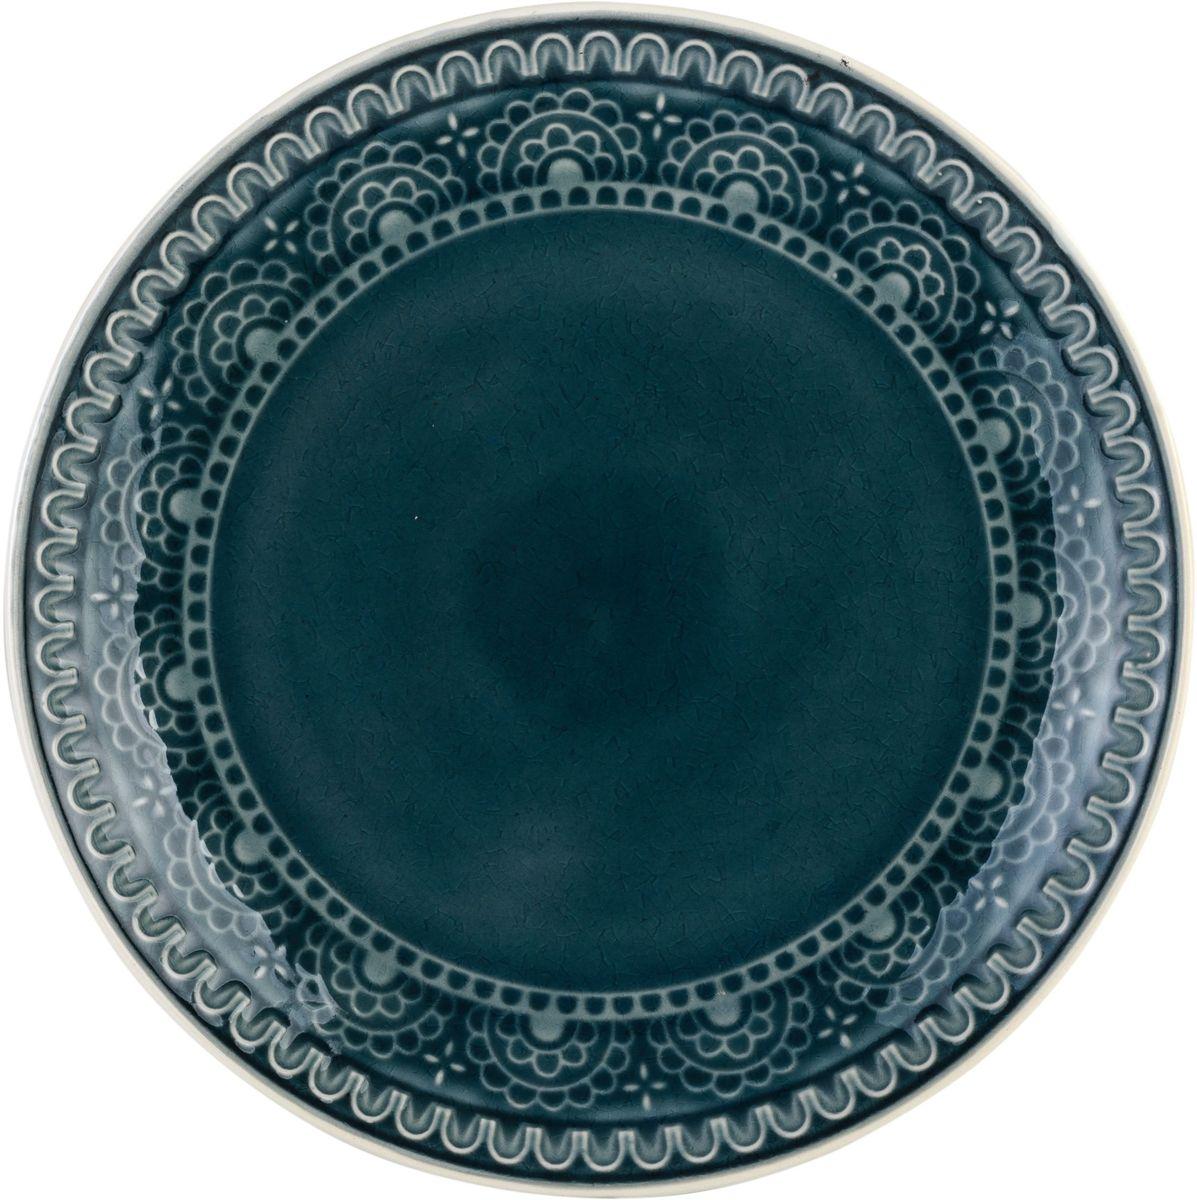 Набор обеденных тарелок Tongo, цвет: темно-серый, диаметр 26,7 см, 4 штPL-267g Tongo Набор тарелок обеденныхНабор Tongo состоит из 4 обеденных тарелок. Изделия изготовлены из экологически чистой каменной керамики, покрытой сверкающей глазурью и оформлены этническим рельефным орнаментом Индонезии. Поверхность слегка потрескавшаяся, что придает посуде винтажный вид и оттенок старины. Такой набор прекрасно подходит как для торжественных случаев, так и для повседневного использования. Идеальны для подачи вторых блюд. Тарелки прекрасно оформят стол и станут отличным дополнением к вашей коллекции кухонной посуды.